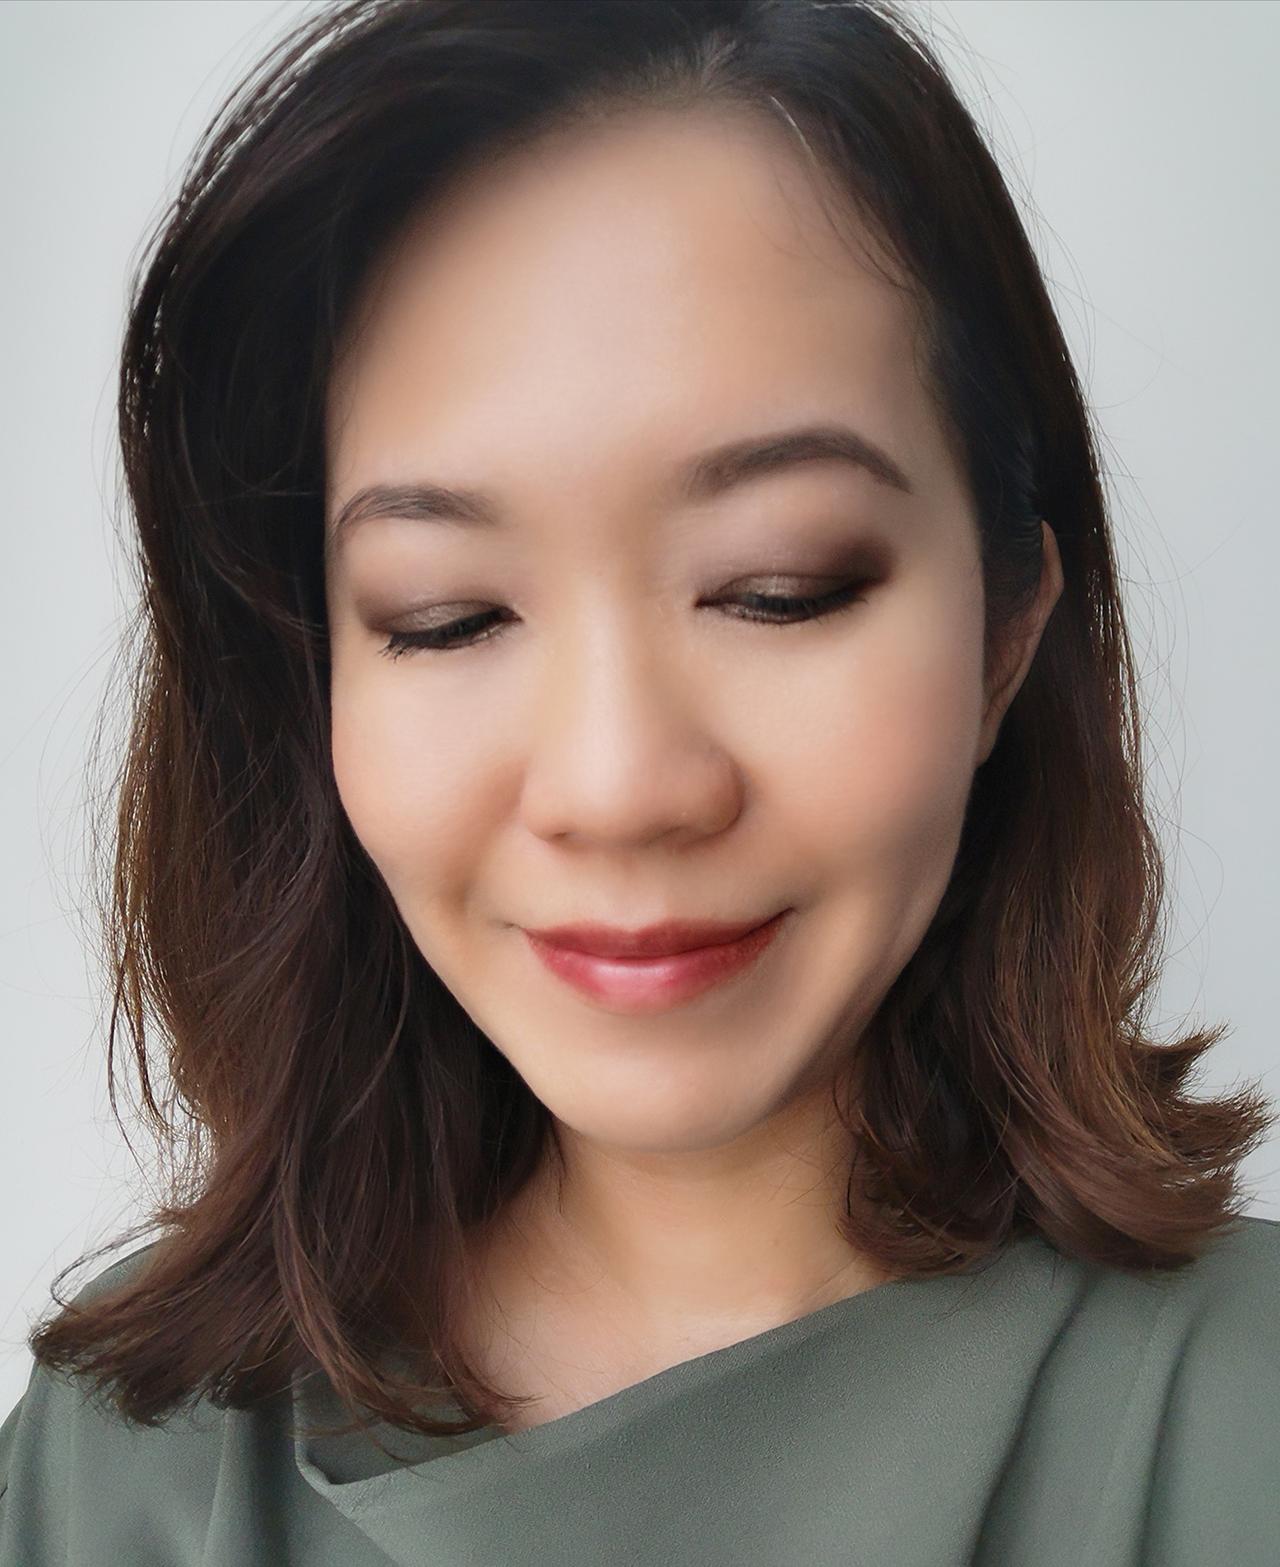 Chanel Les Beiges 2019 makeup look